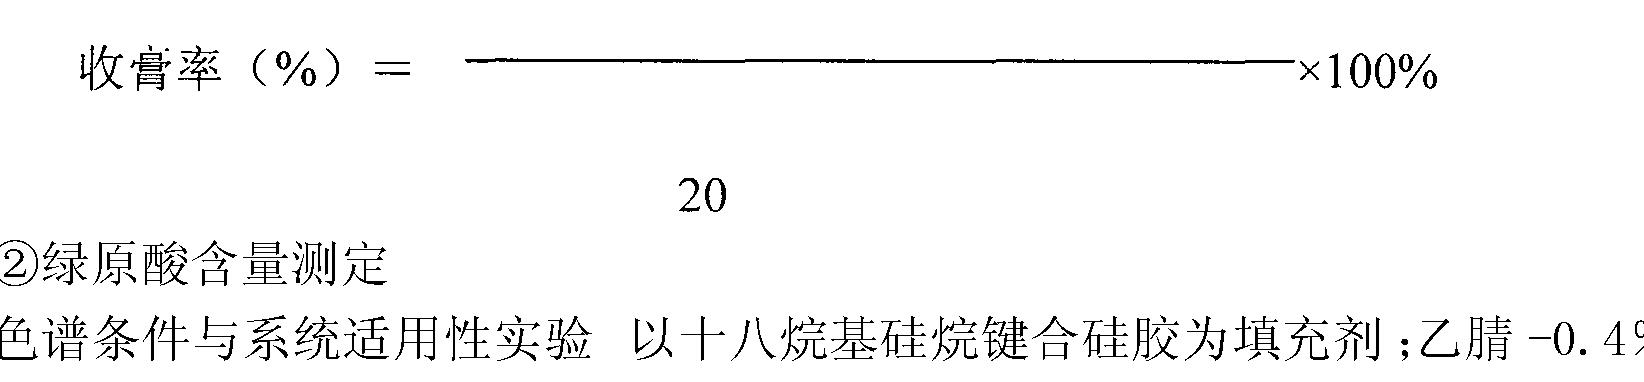 Figure CN102150704BD00111